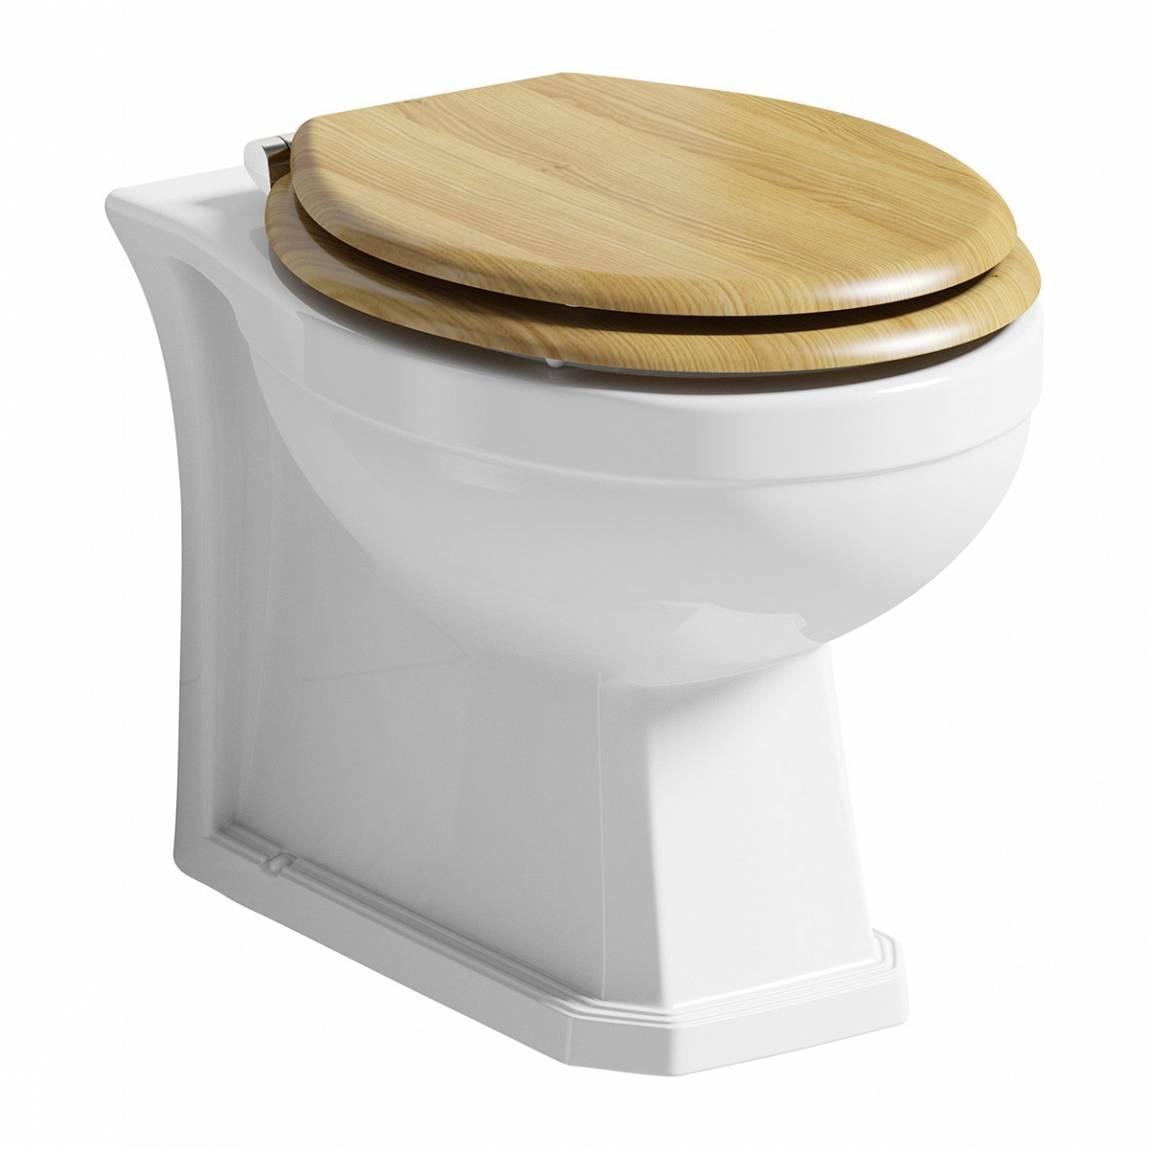 Image of Regency Back to Wall Toilet inc Luxury Solid Oak Seat